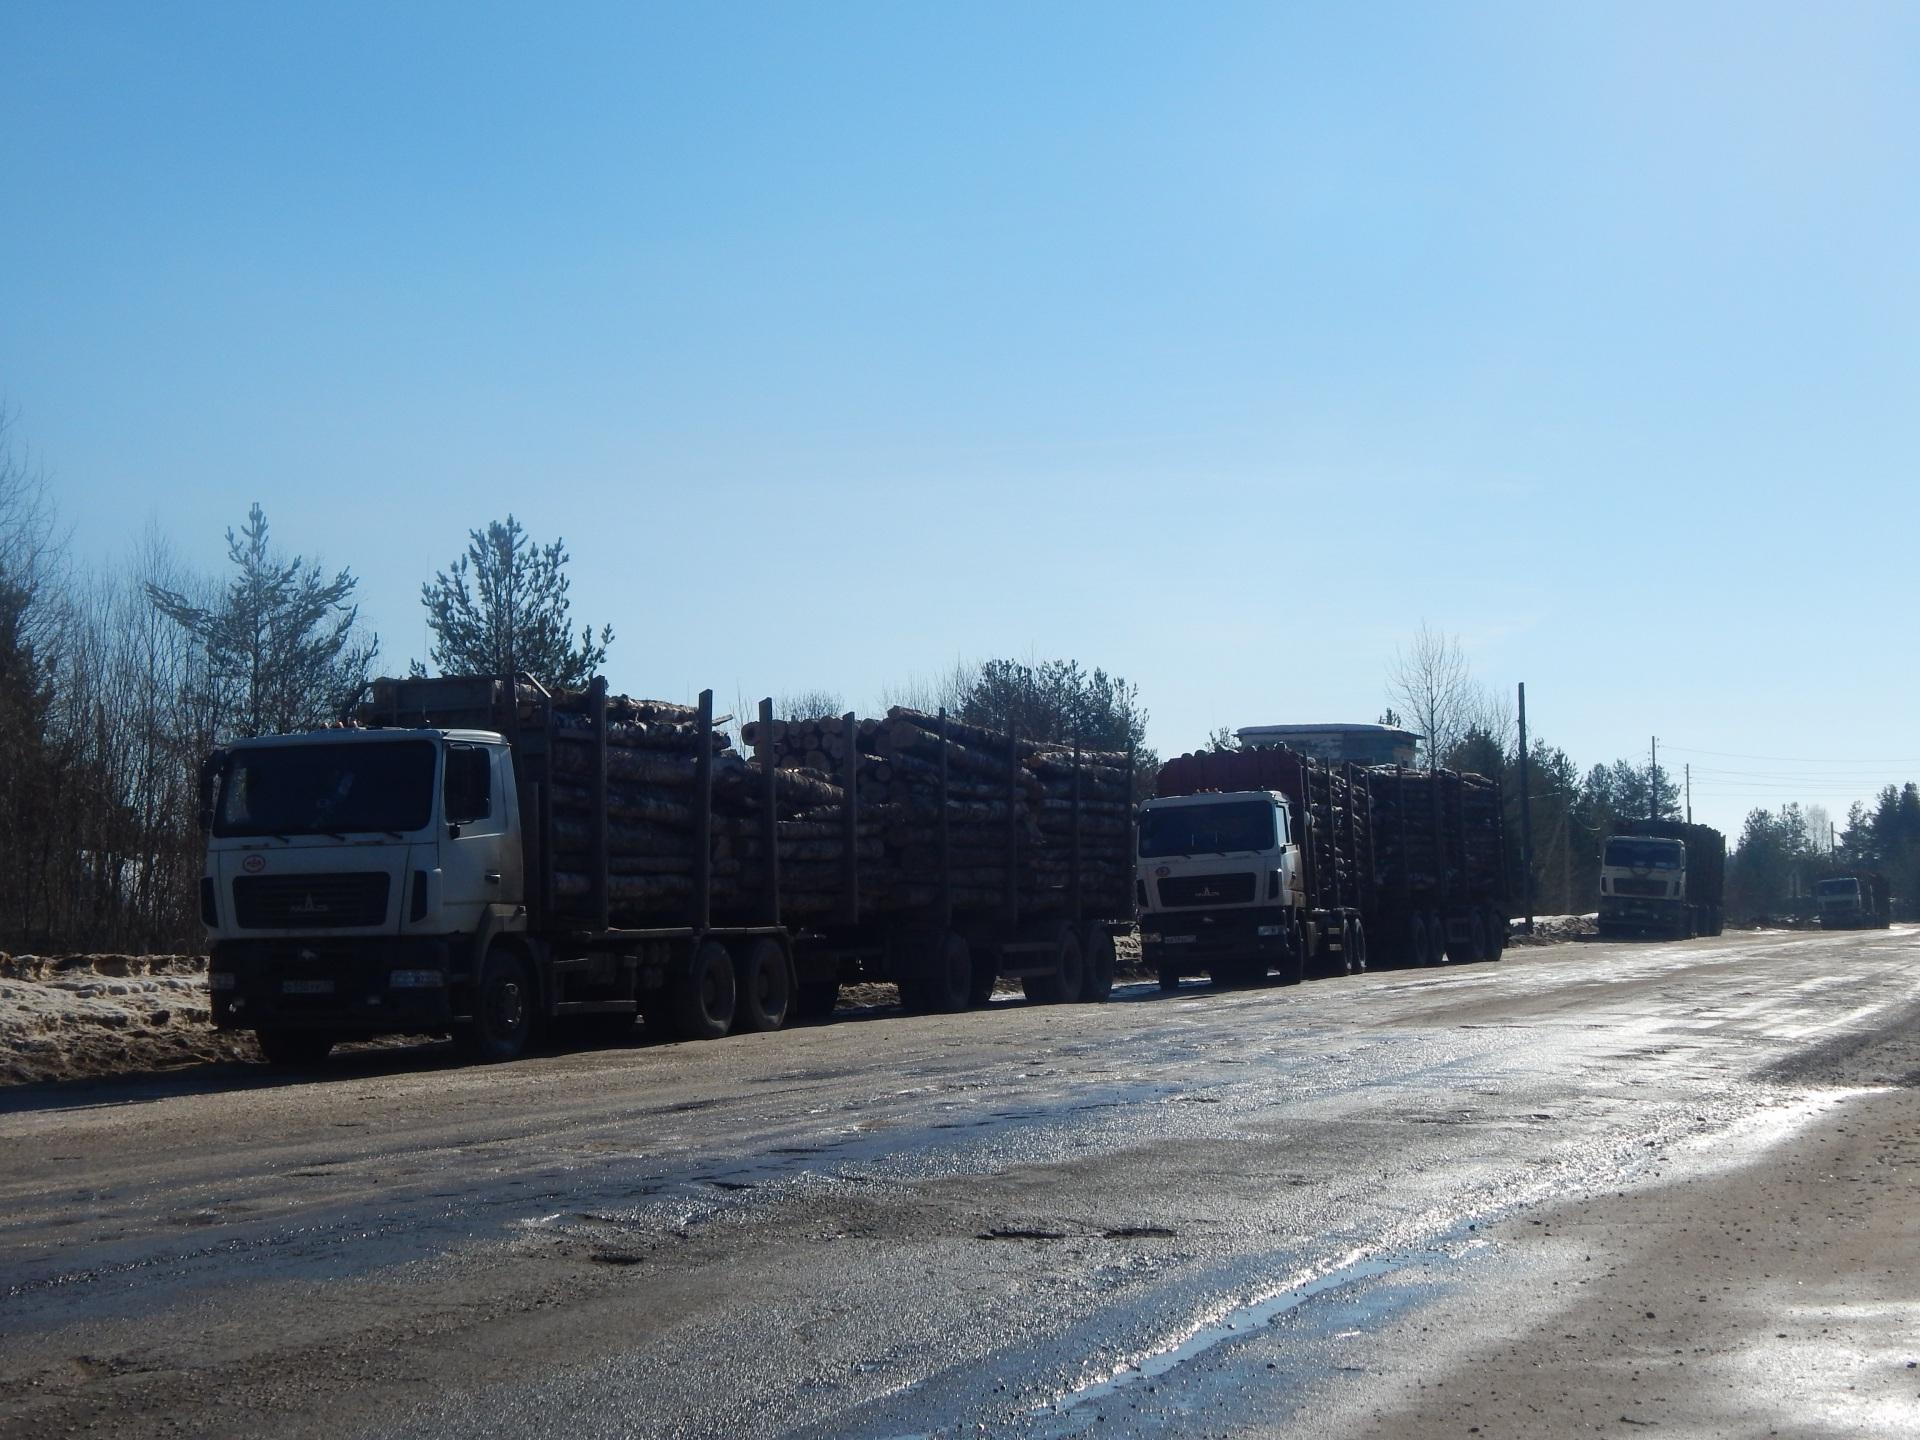 Владельцы большегрузов устроили на дорогах Коми настоящую вакханалию - Сергей Гапликов